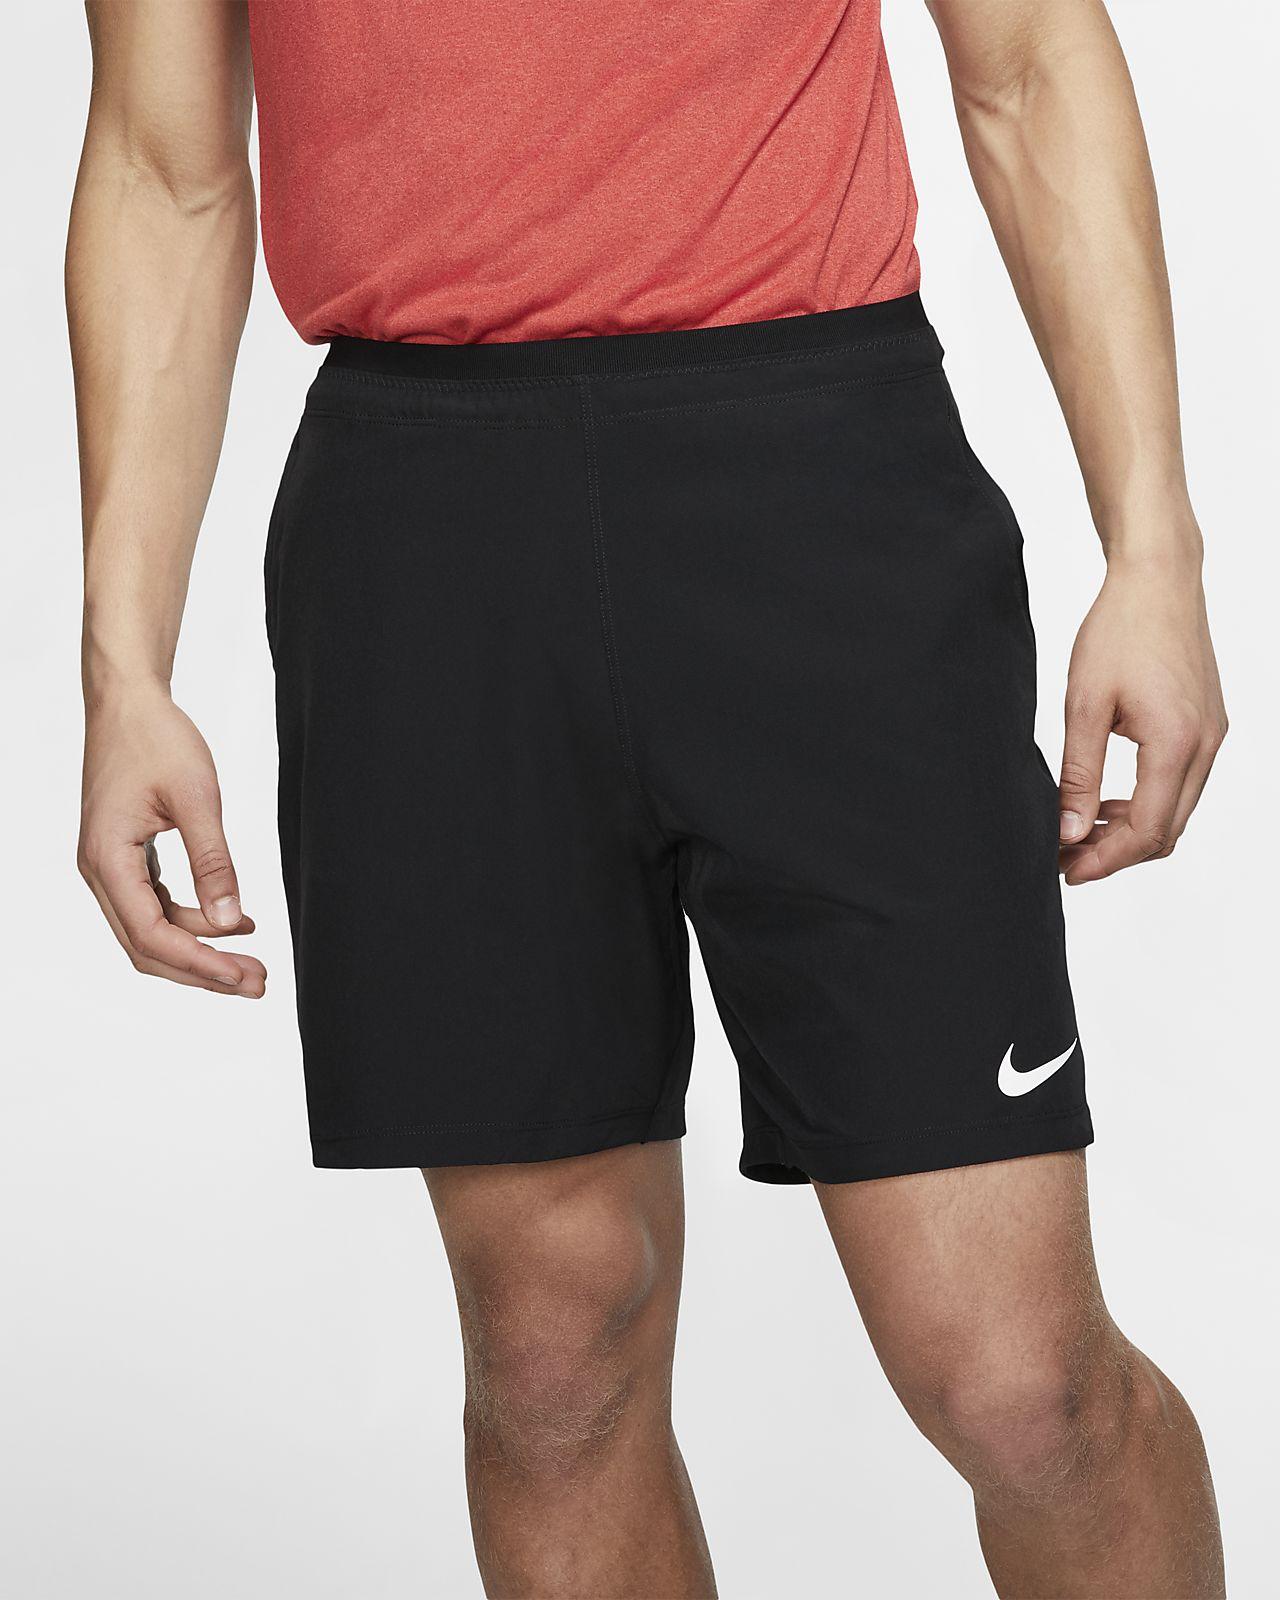 Calções Nike Pro Flex Rep para homem